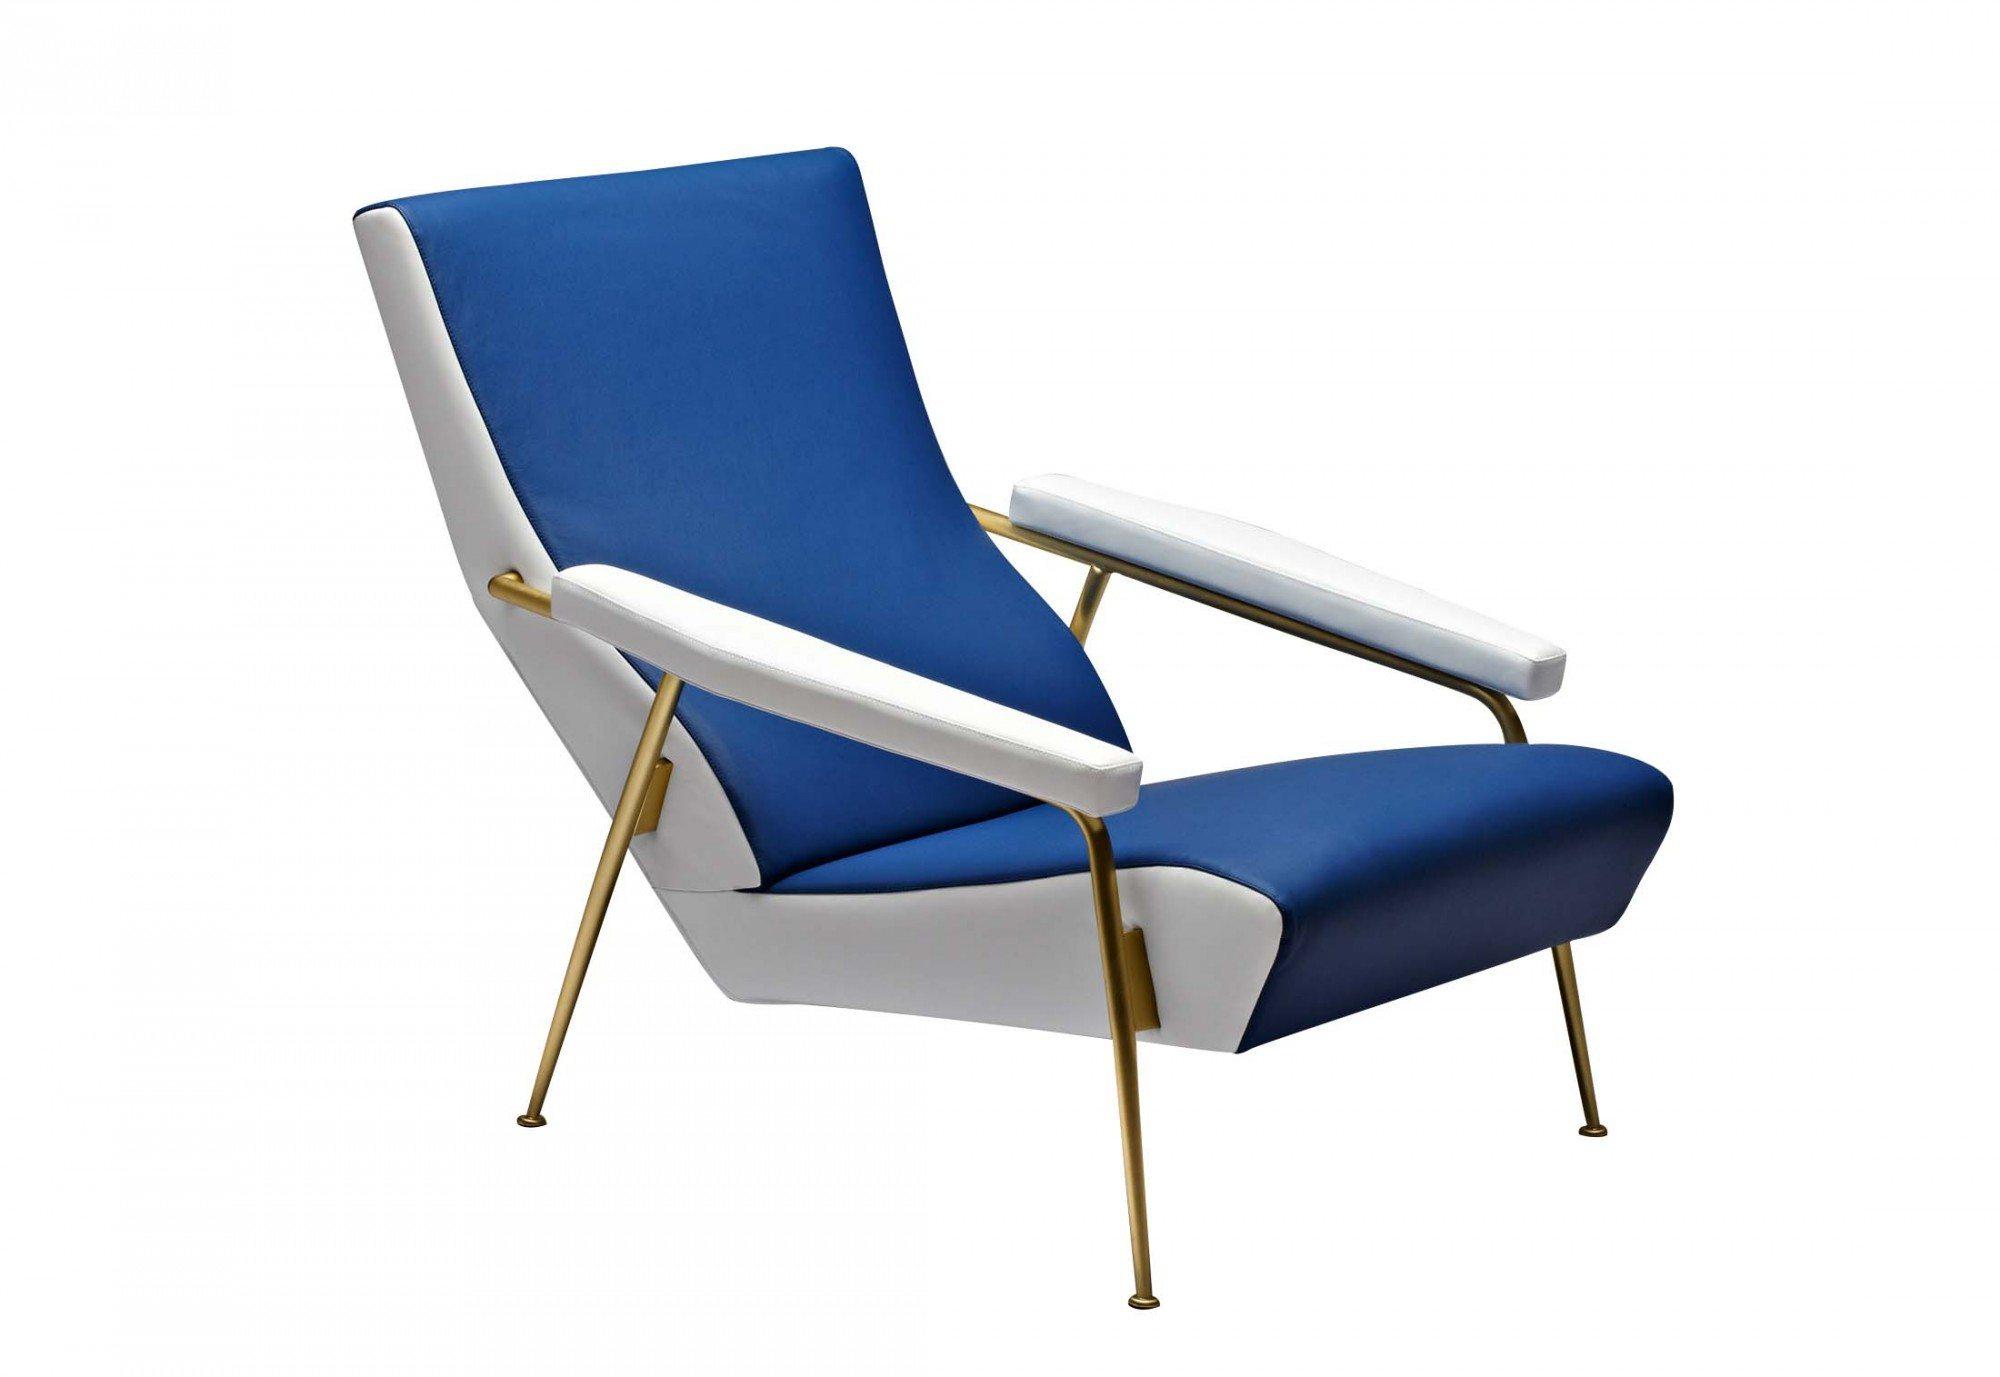 Gio Ponti armchair by Gio Ponti donated by Molteni I Dada